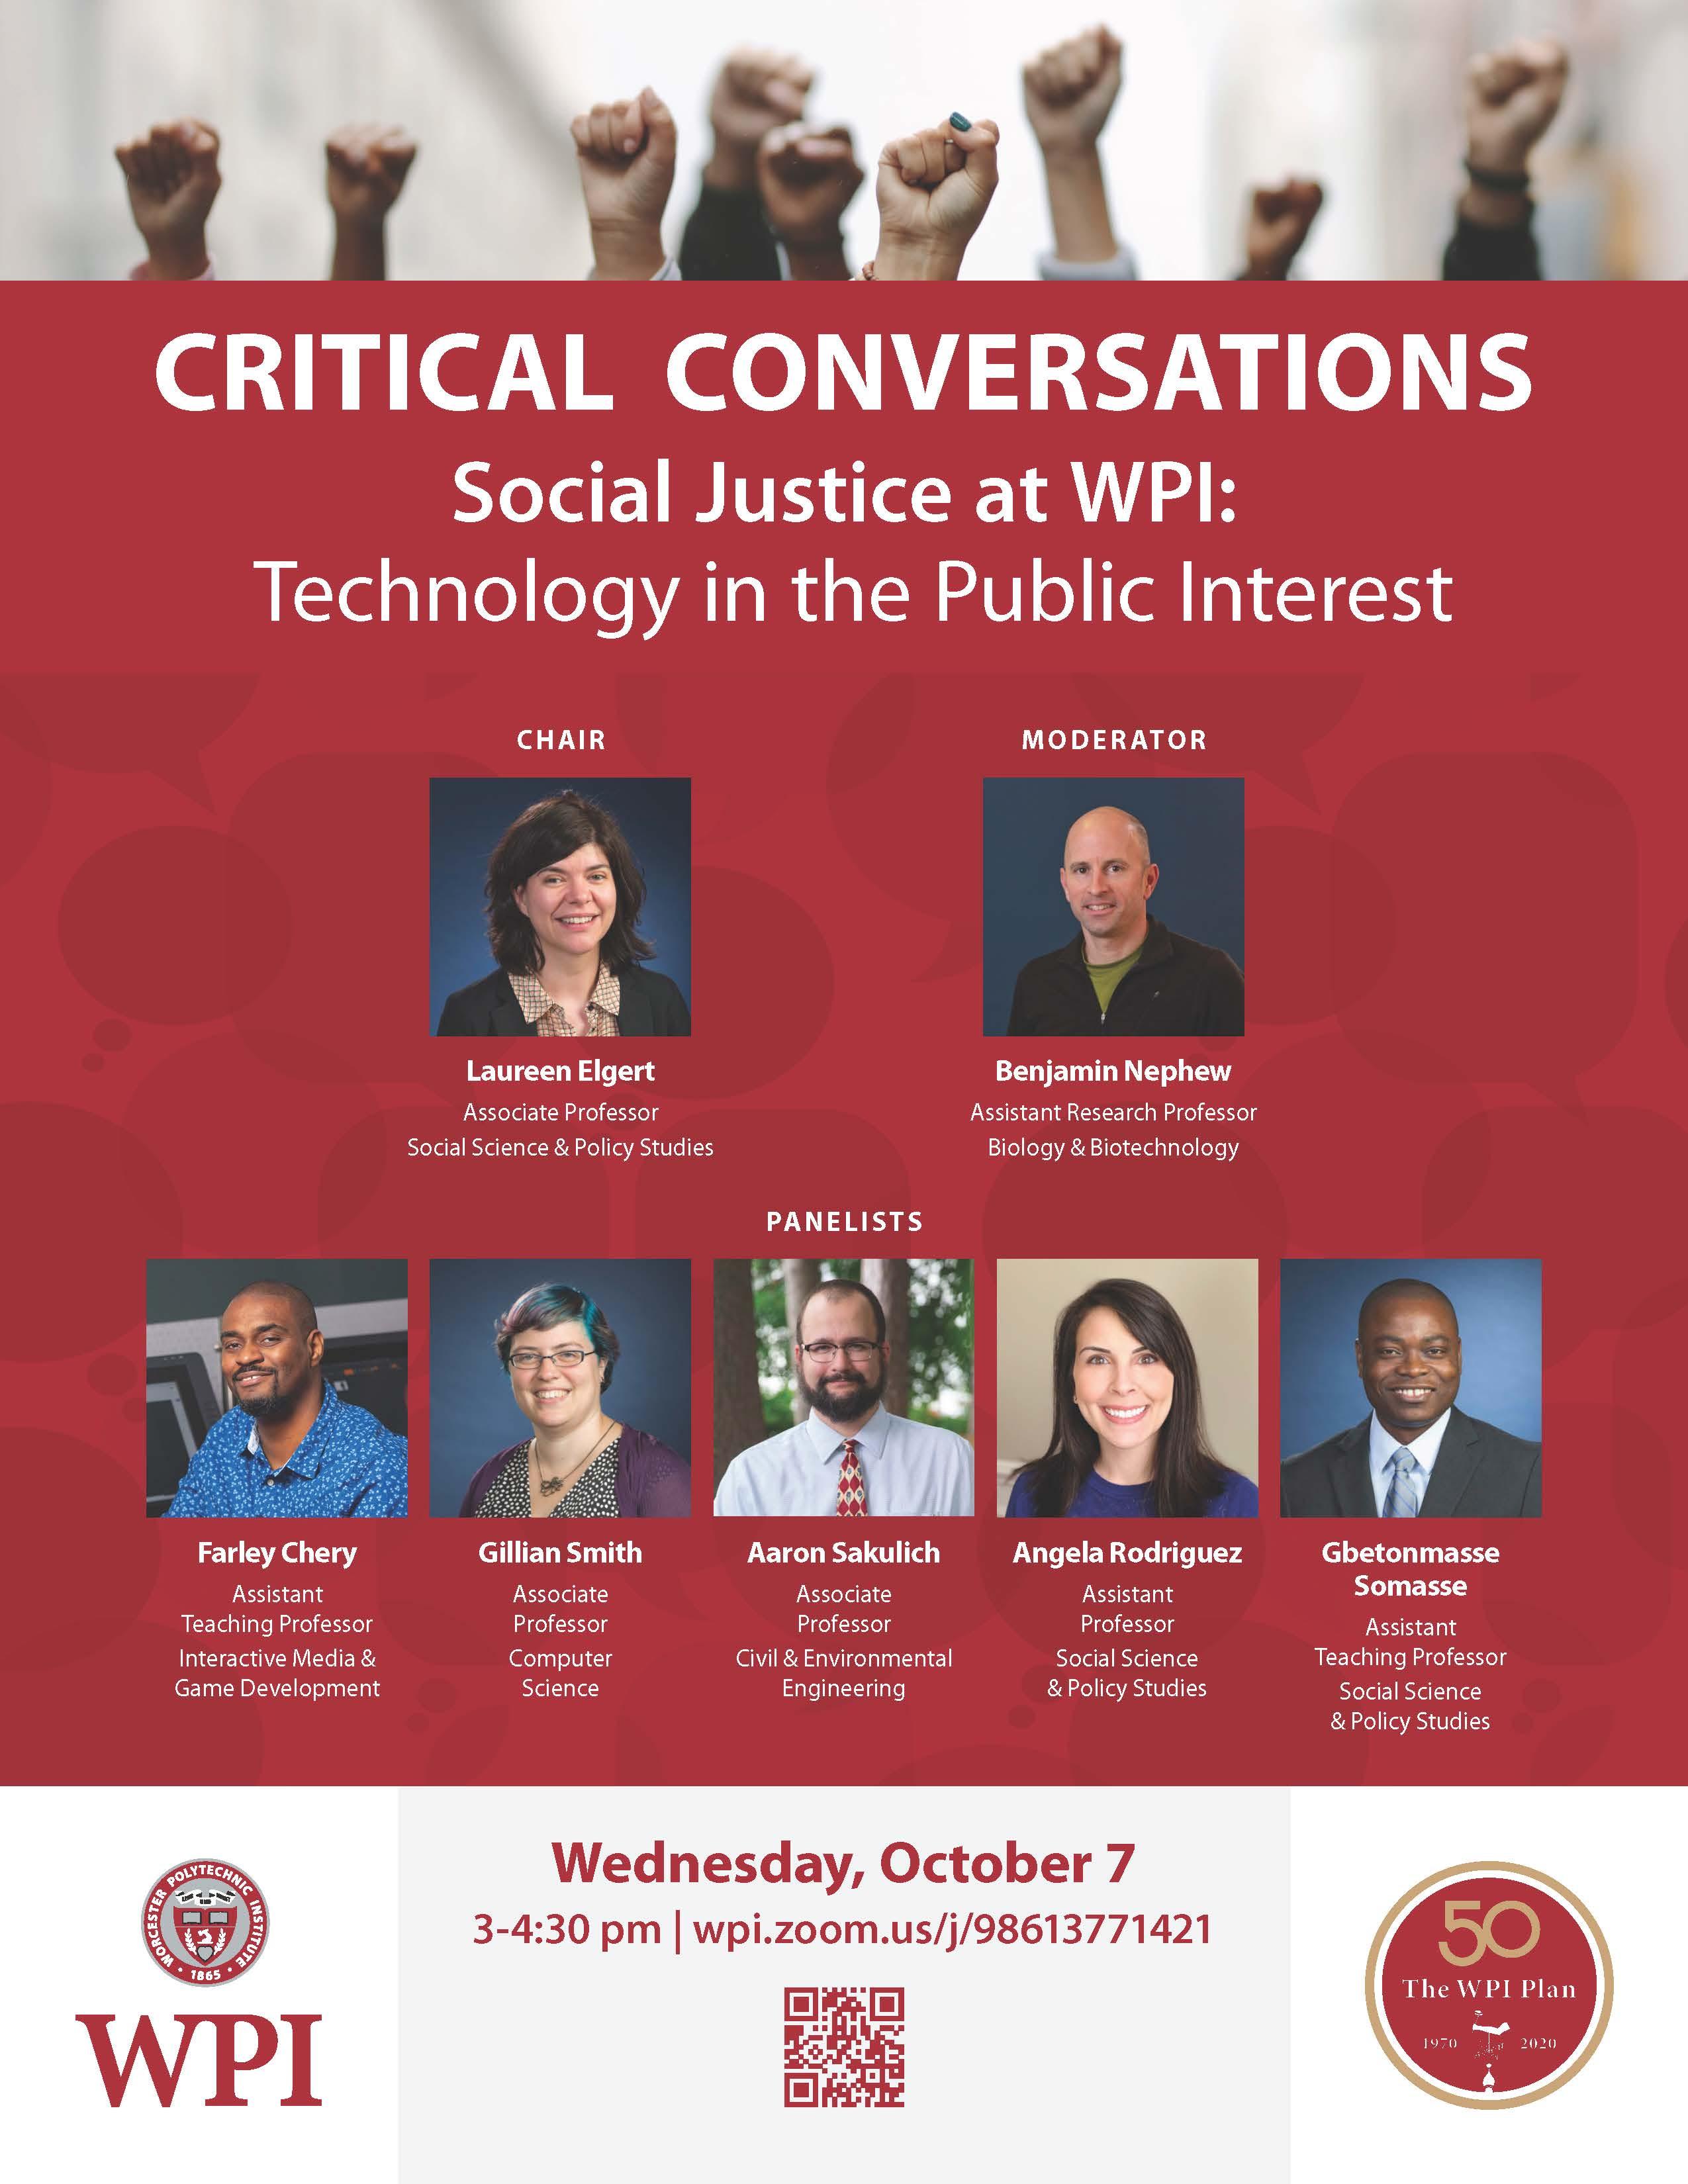 Critical Conversations Social Justice